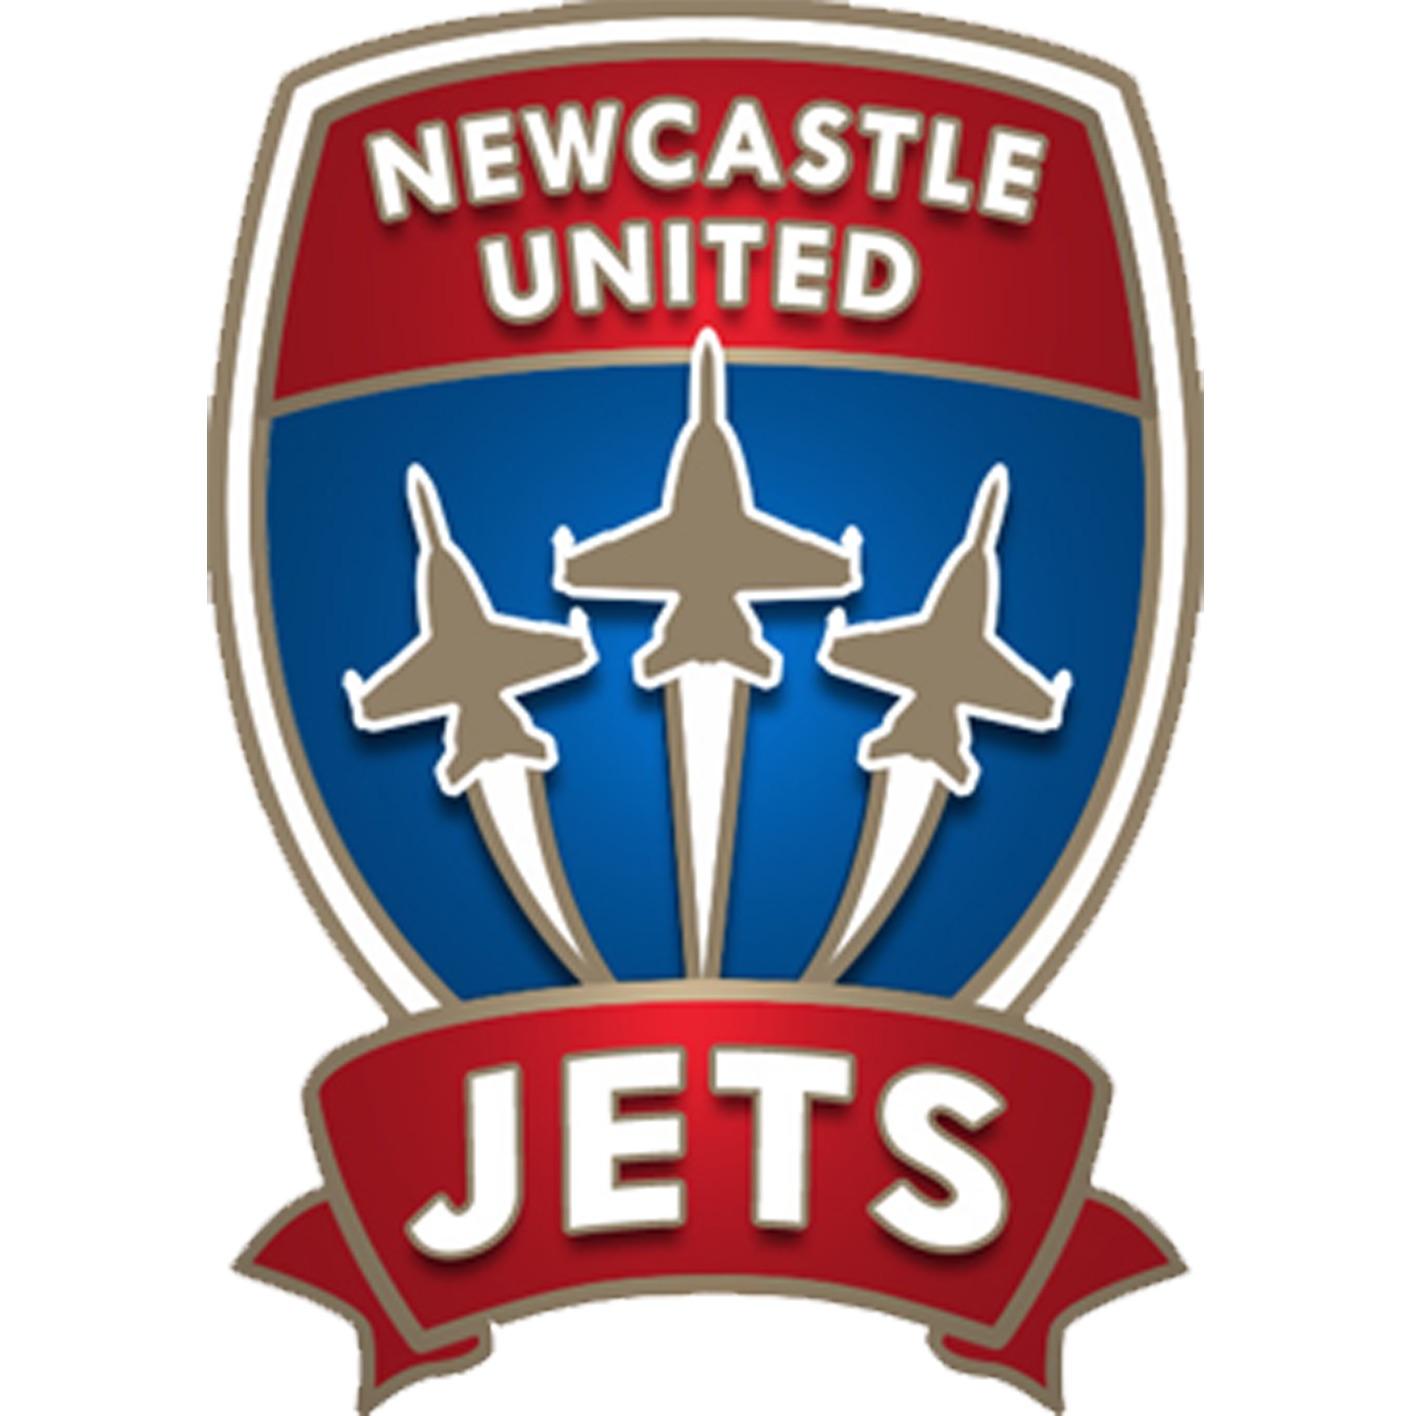 Newcastle Jets Podcast